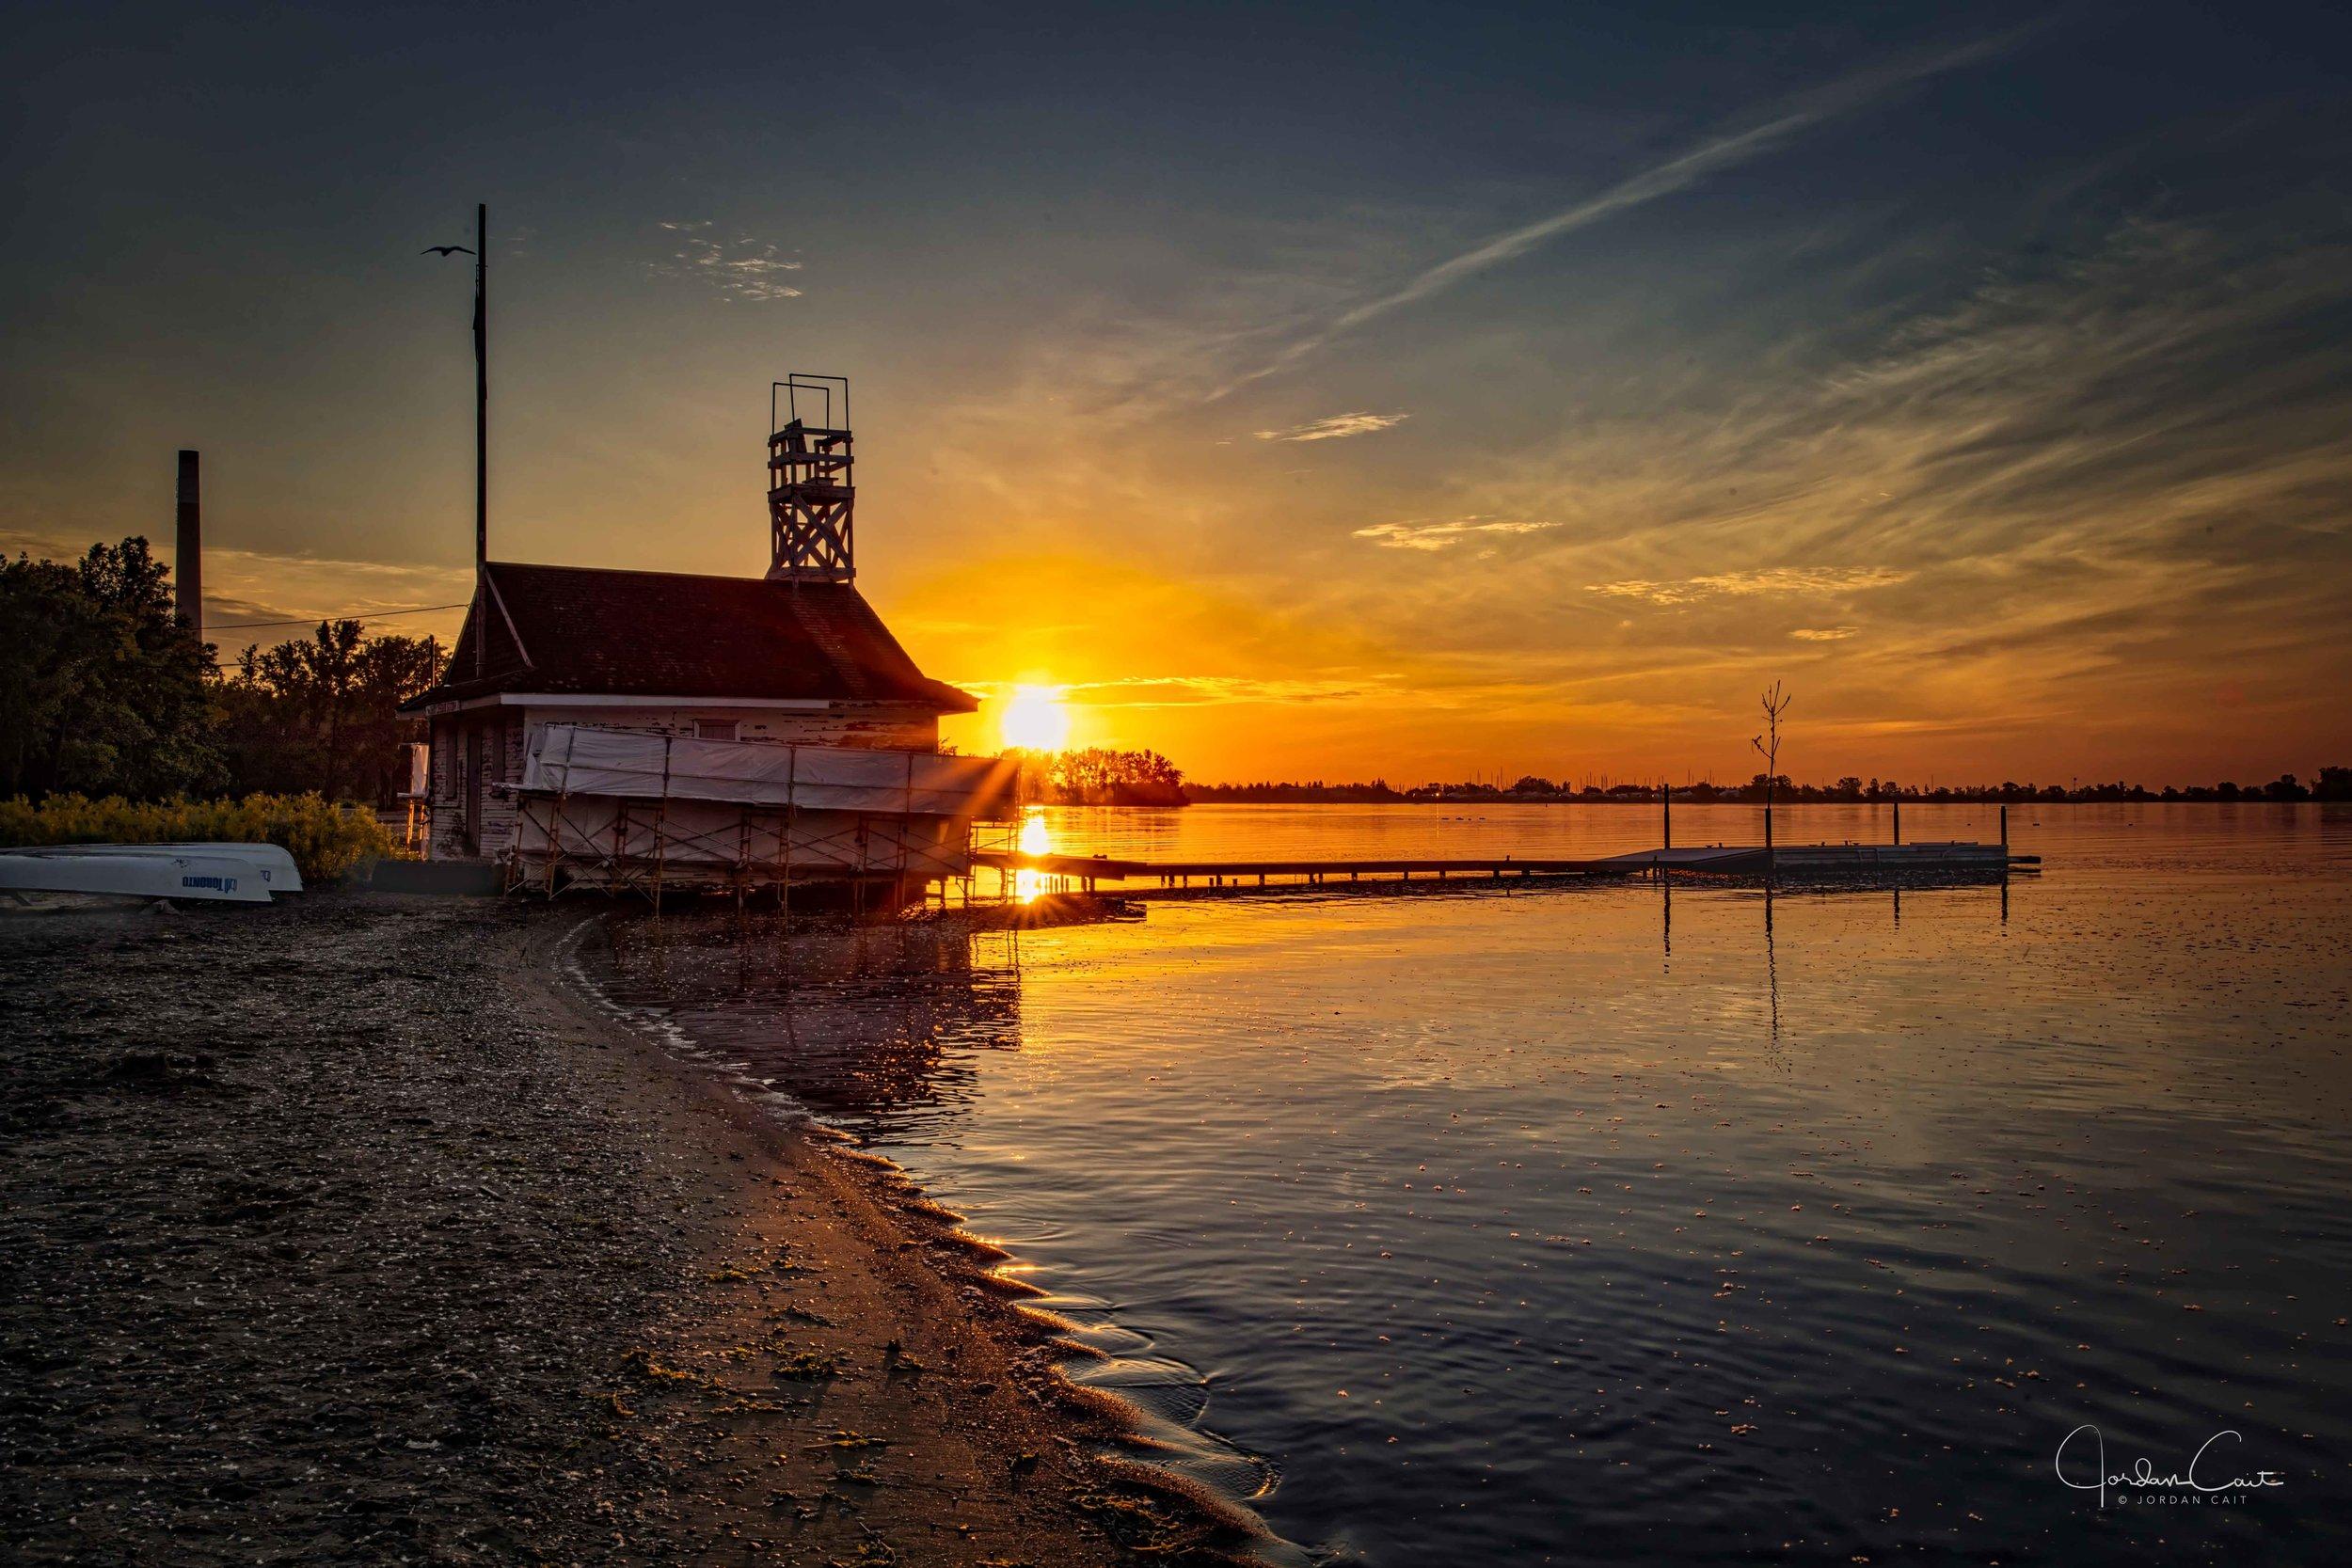 Sunrise at Cherry Beach, Toronto